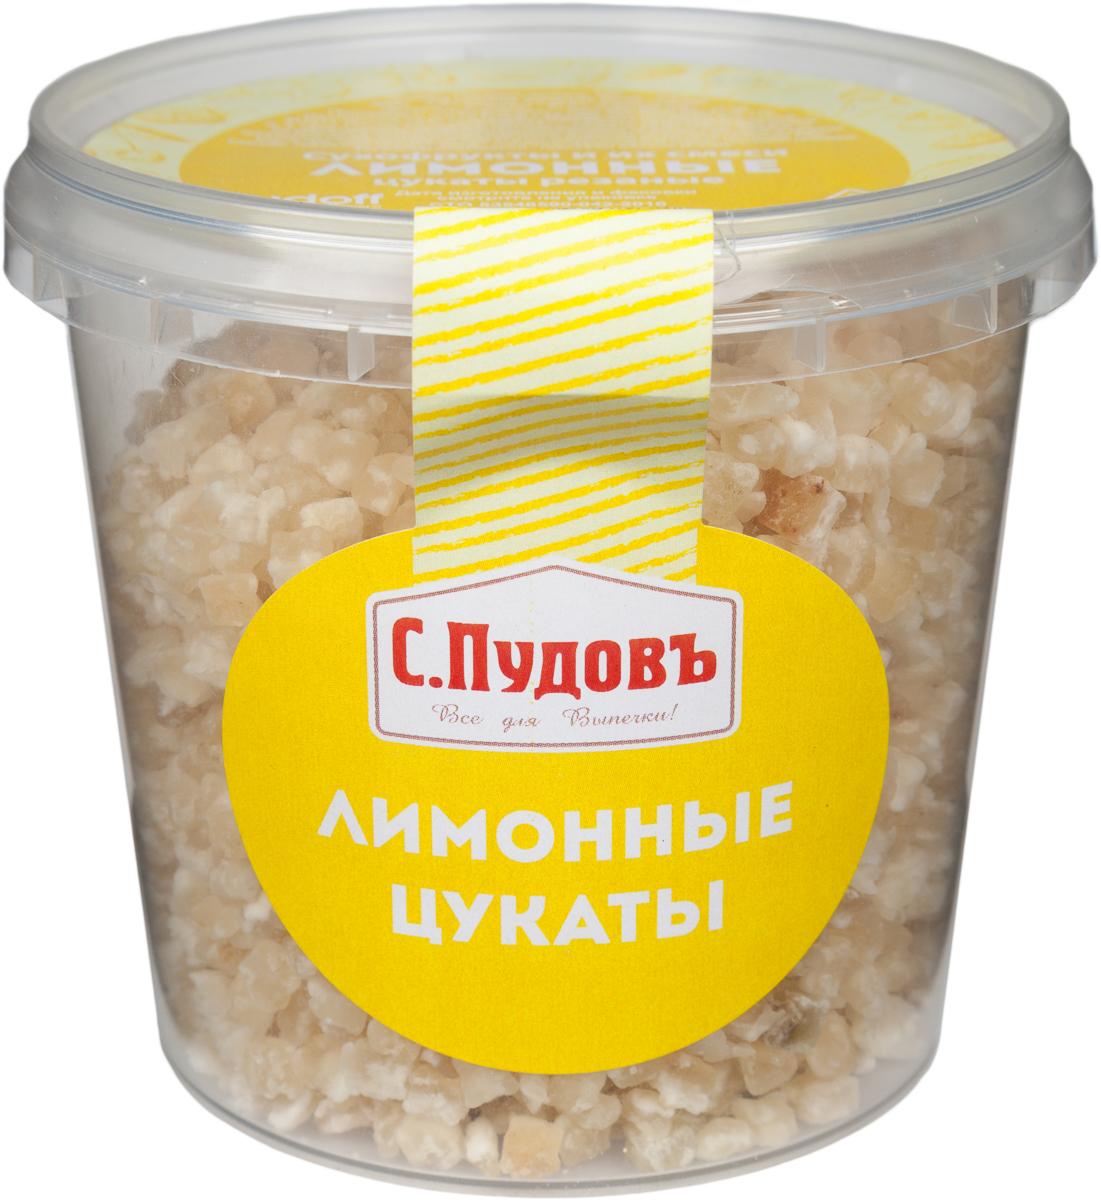 Пудовъ лимонные цукаты, 230 г4607012297532Эфирное масло, которое содержится в цукатах, оказывает тонизирующее действие, повышает настроение, способствует приливу сил для выполнения работы. А сахар обеспечивает организм энергией, необходимой чтобы эту работу выполнить. Их можно добавлять в десерты и выпечку. Уважаемые клиенты! Обращаем ваше внимание, что полный перечень состава продукта представлен на дополнительном изображении.